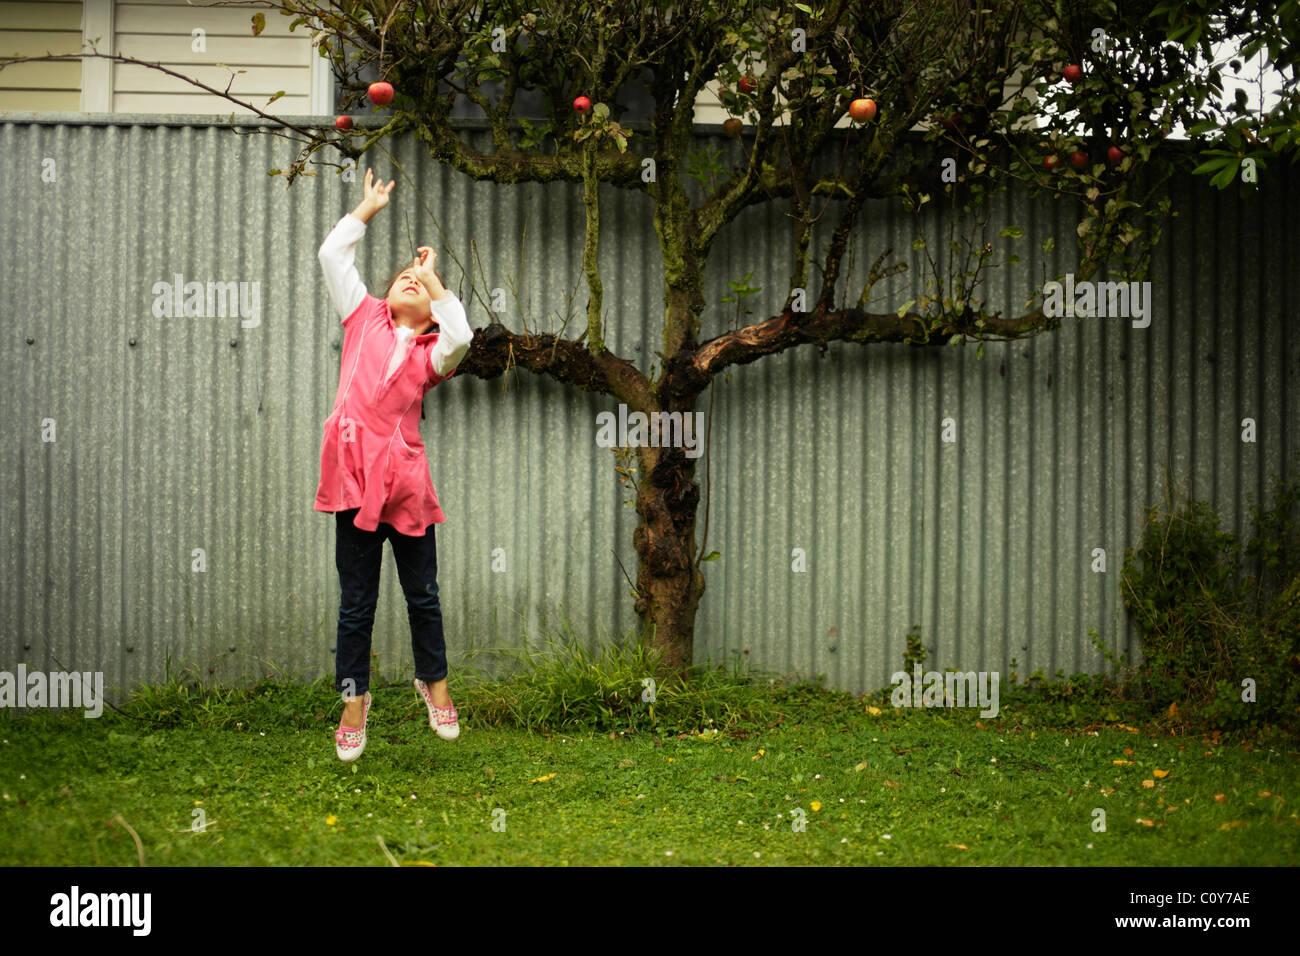 Ragazzina salta in alto e cerca di agguantare la mela rossa su albero Immagini Stock